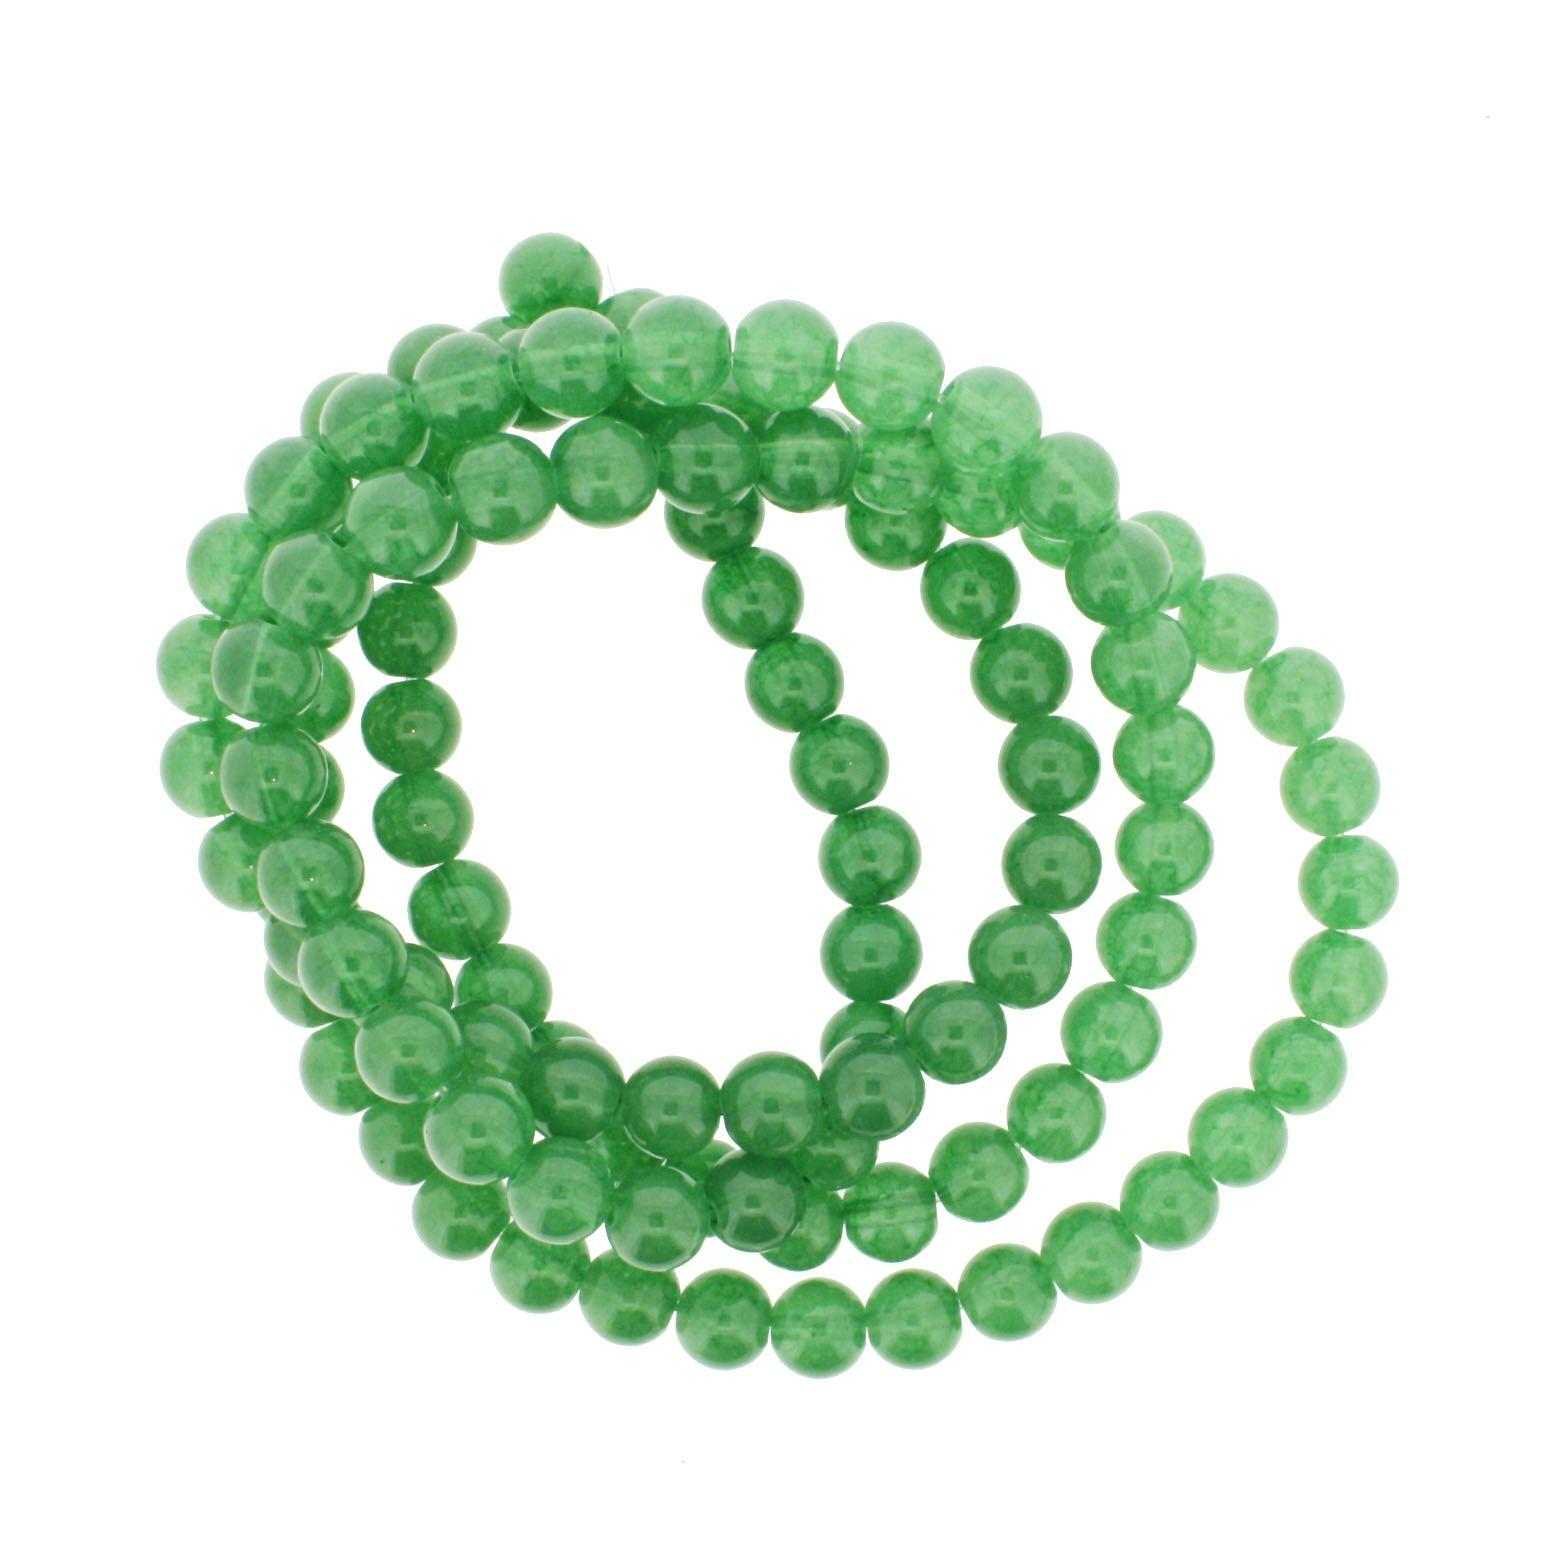 Fio de Contas Pintadas - Verde - 8mm  - Universo Religioso® - Artigos de Umbanda e Candomblé